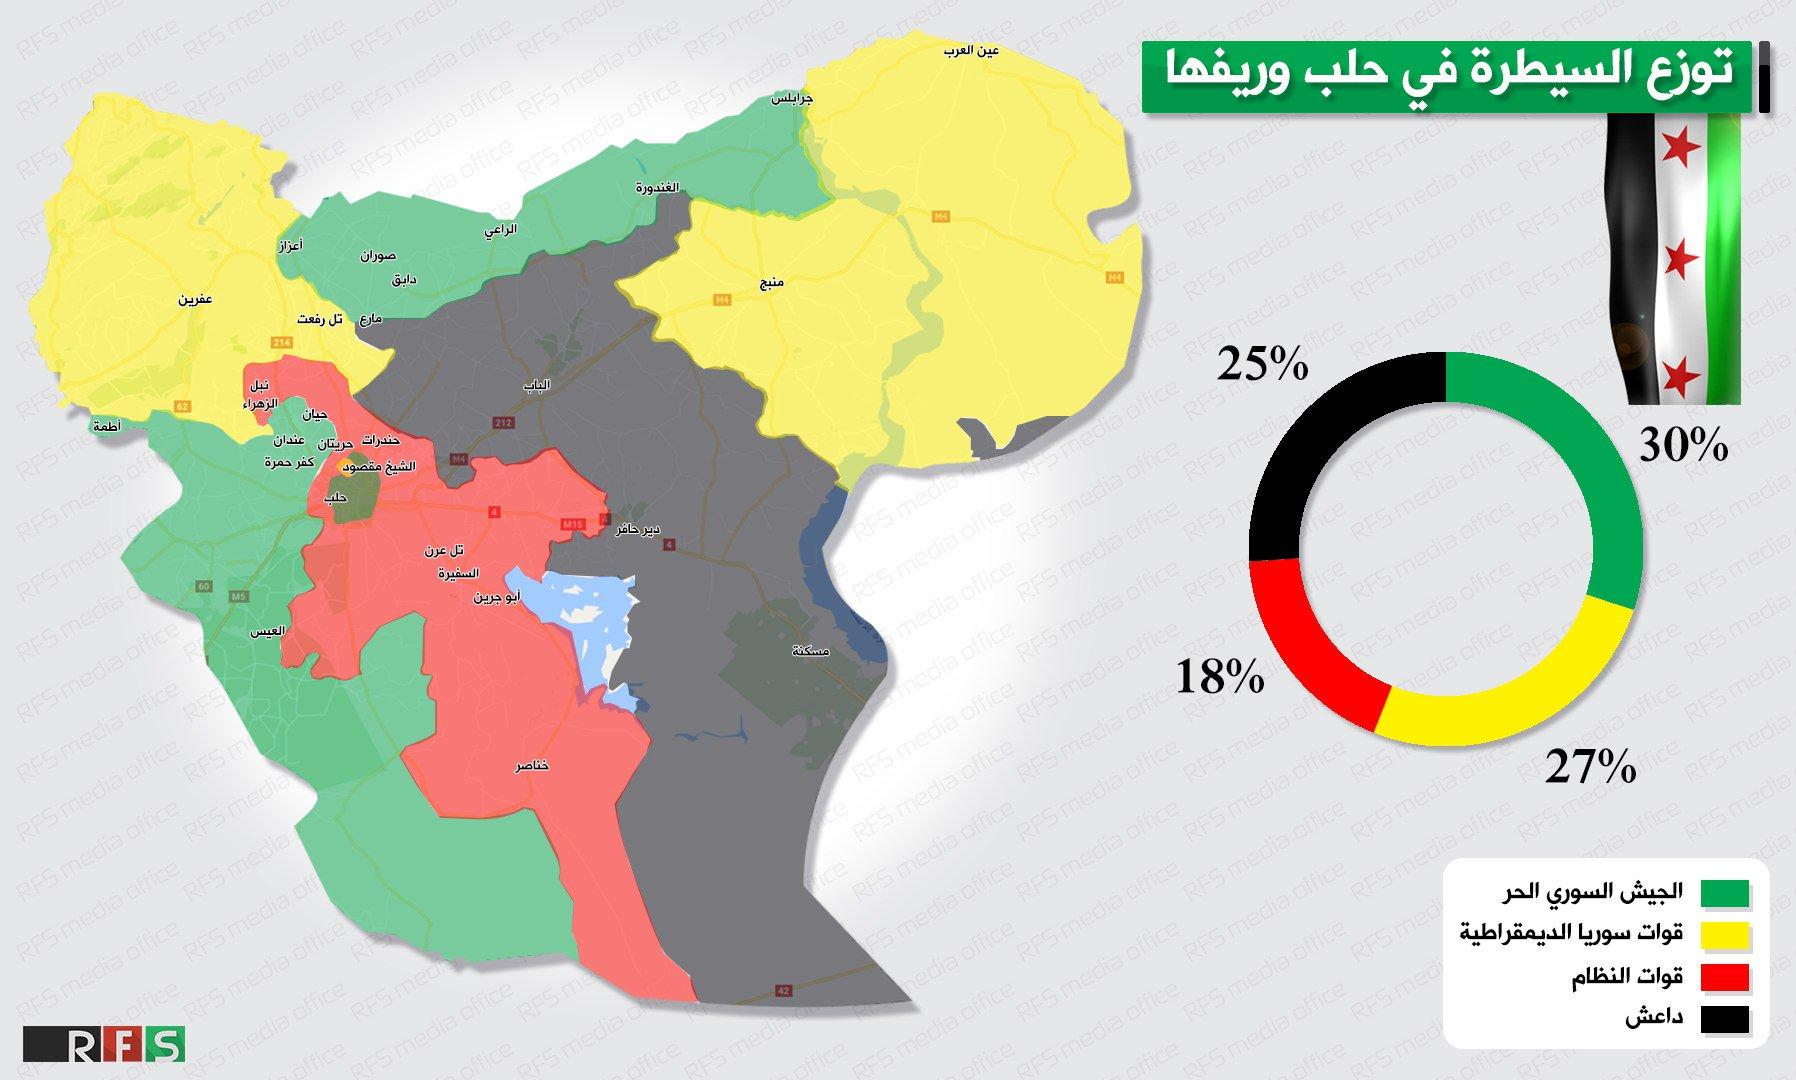 خريطة السيطرة في محافظة حلب - 17 تشرين الأول 2016 (مكتب قوى الثورة)